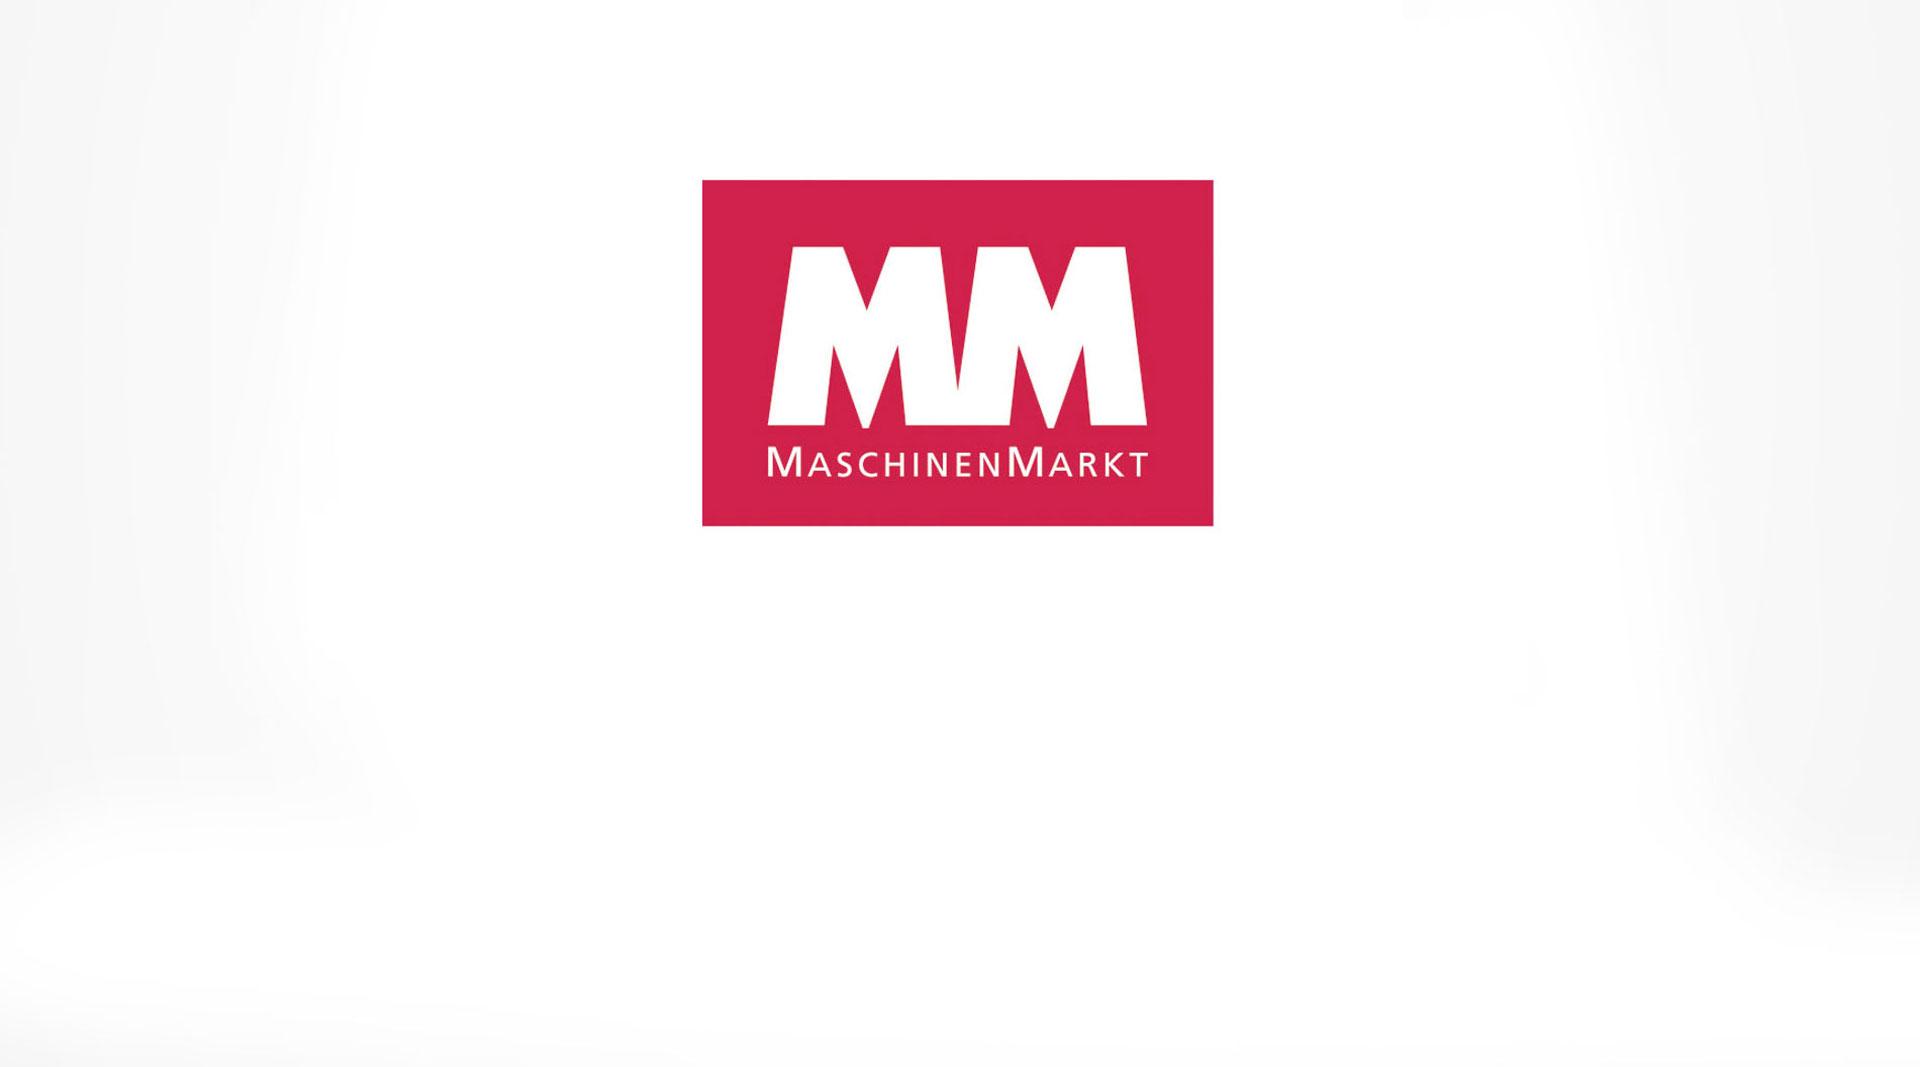 Logo MaschinenMarkt MM ReDesign